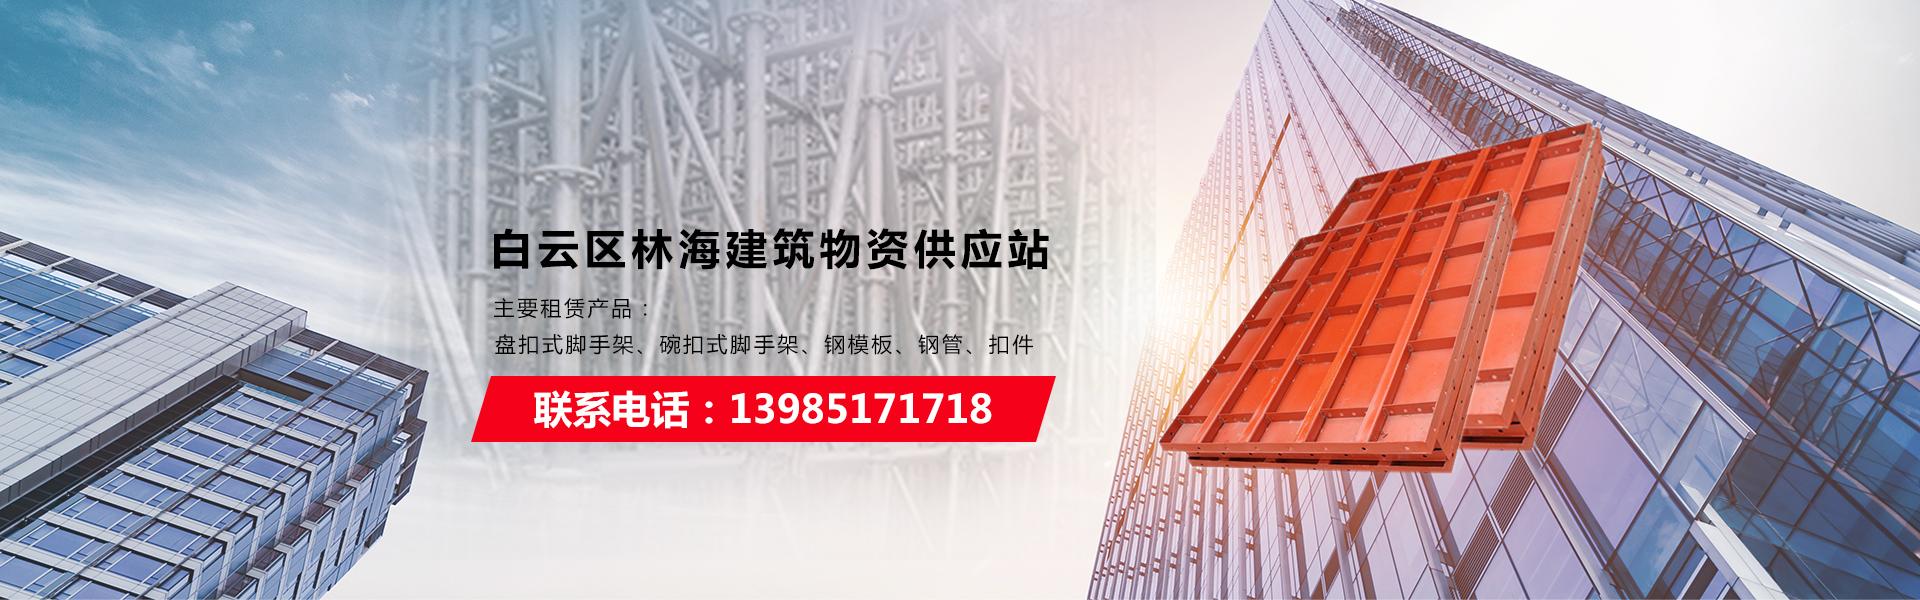 贵州钢模板出租